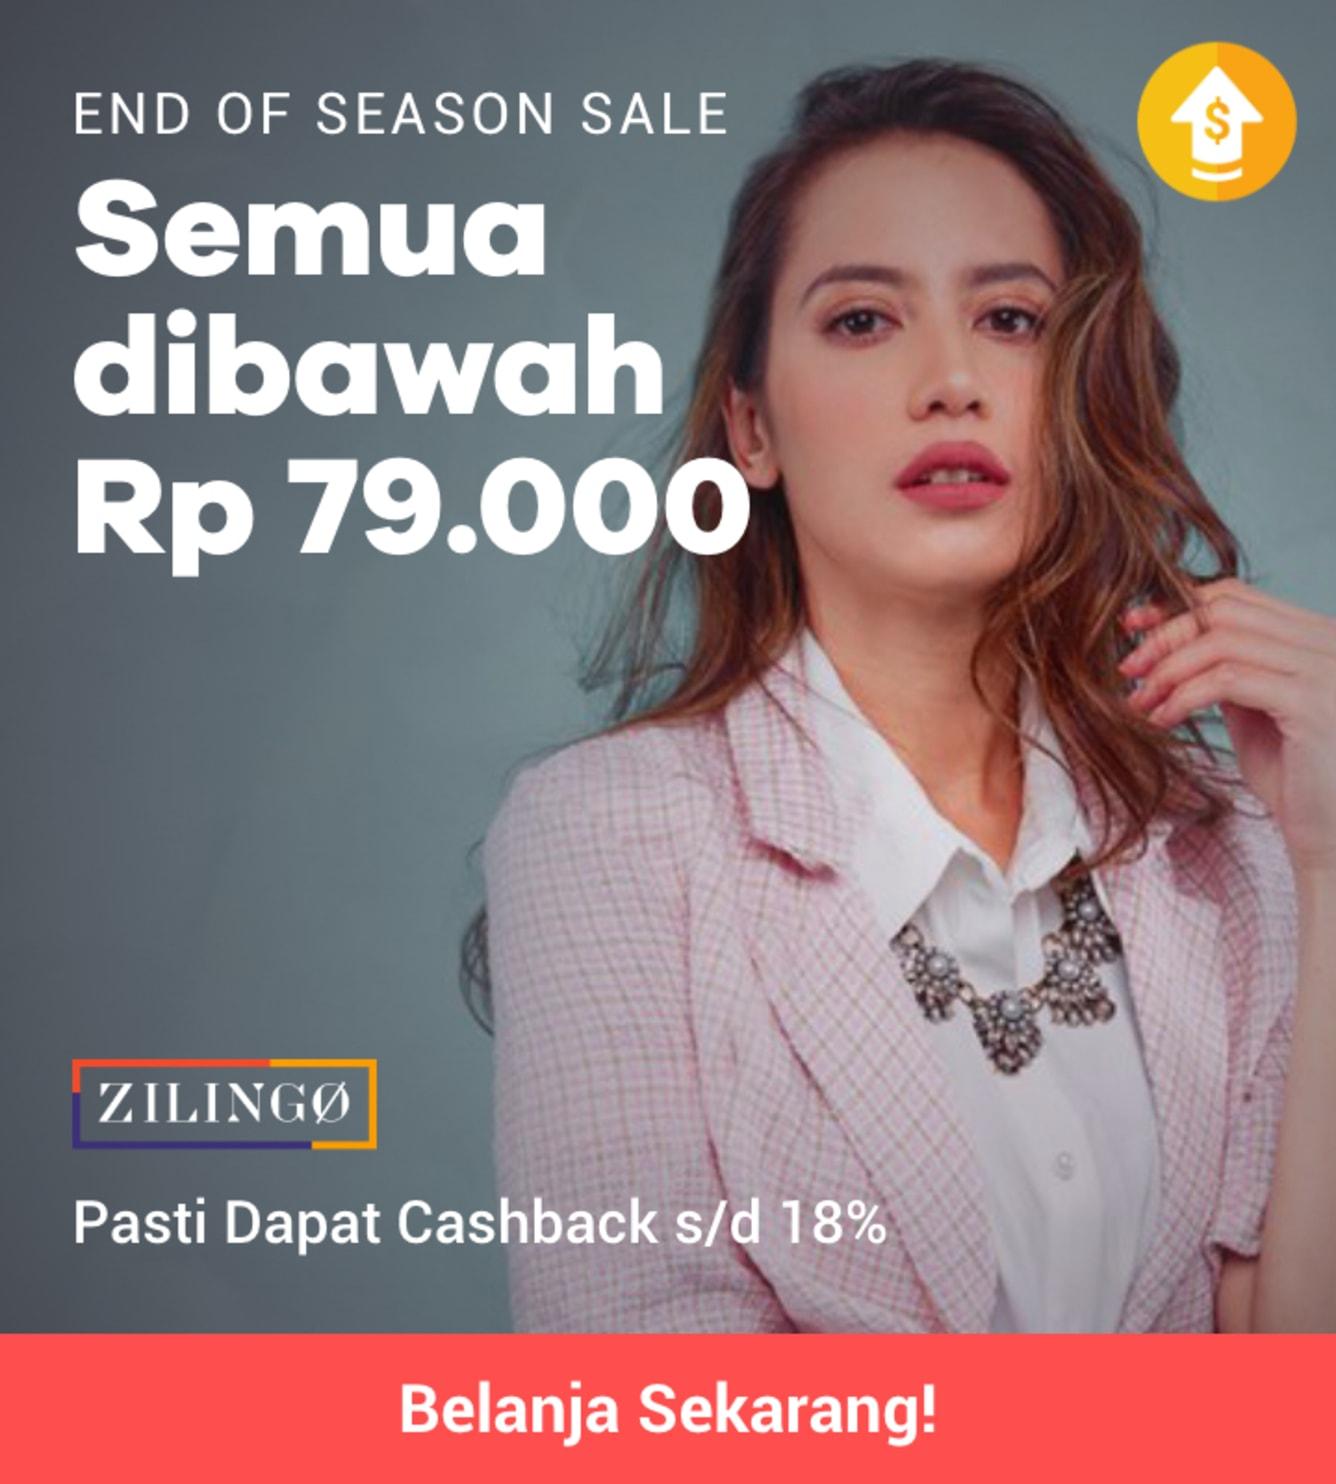 Week 26 - Promo Zilingo